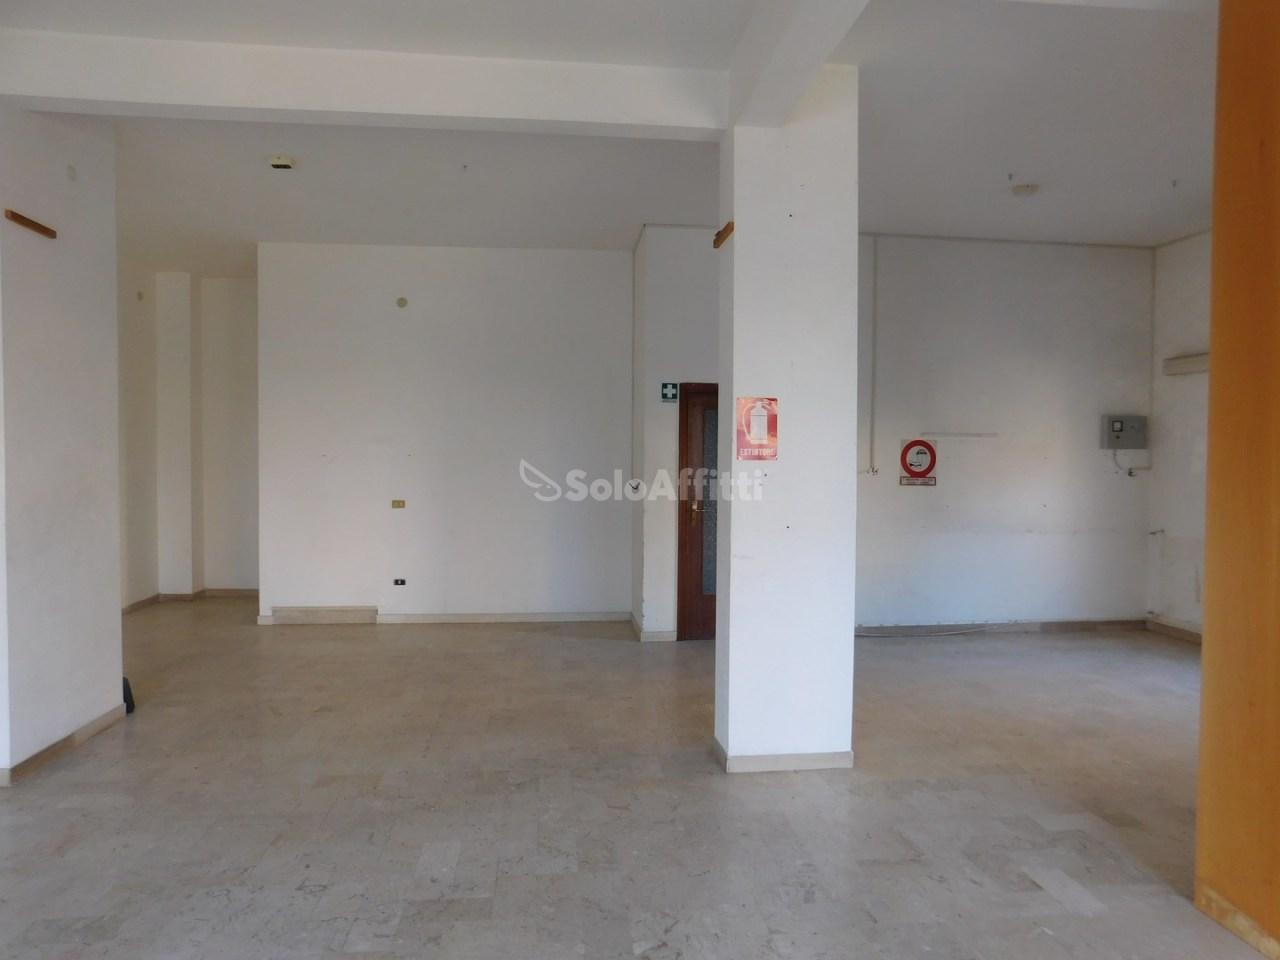 Negozio / Locale in affitto a Savona, 1 locali, prezzo € 650 | PortaleAgenzieImmobiliari.it